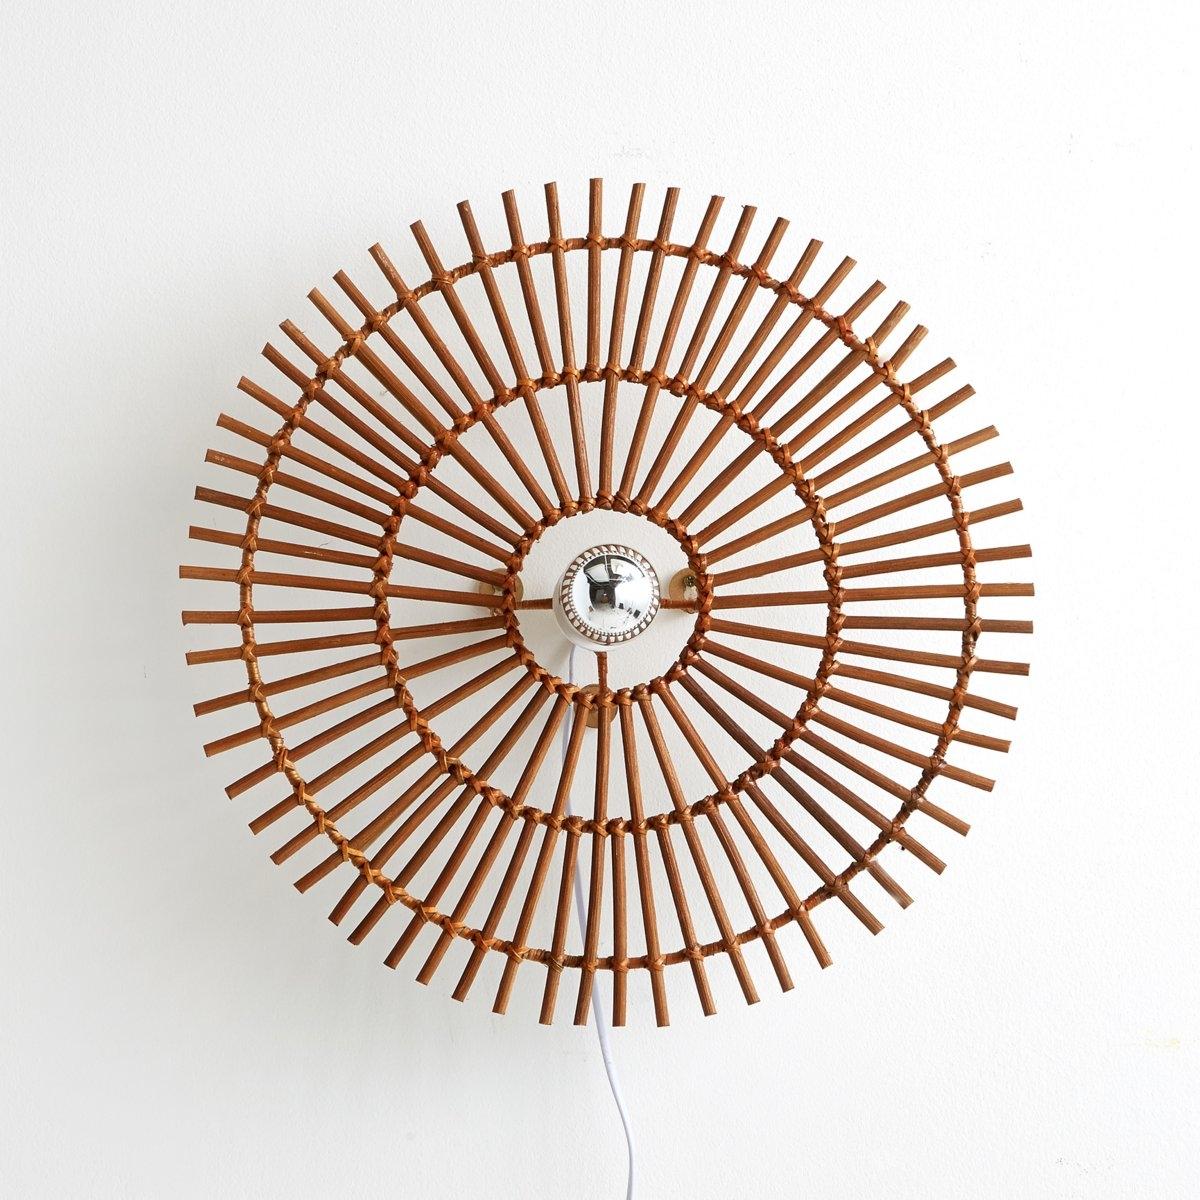 Бра из ротанга , NoguБра из ротанга, Nogu . Естественность и супер декор !Описание светильника , Nogu  :Не электрифицированный .Характеристики светильника , Nogu  :Натуральный ротанговый тростник.Найдите коллекцию светильников на сайте laredoute.ruРазмер светильника , Nogu  :Диаметр : 50 см.<br><br>Цвет: серо-бежевый